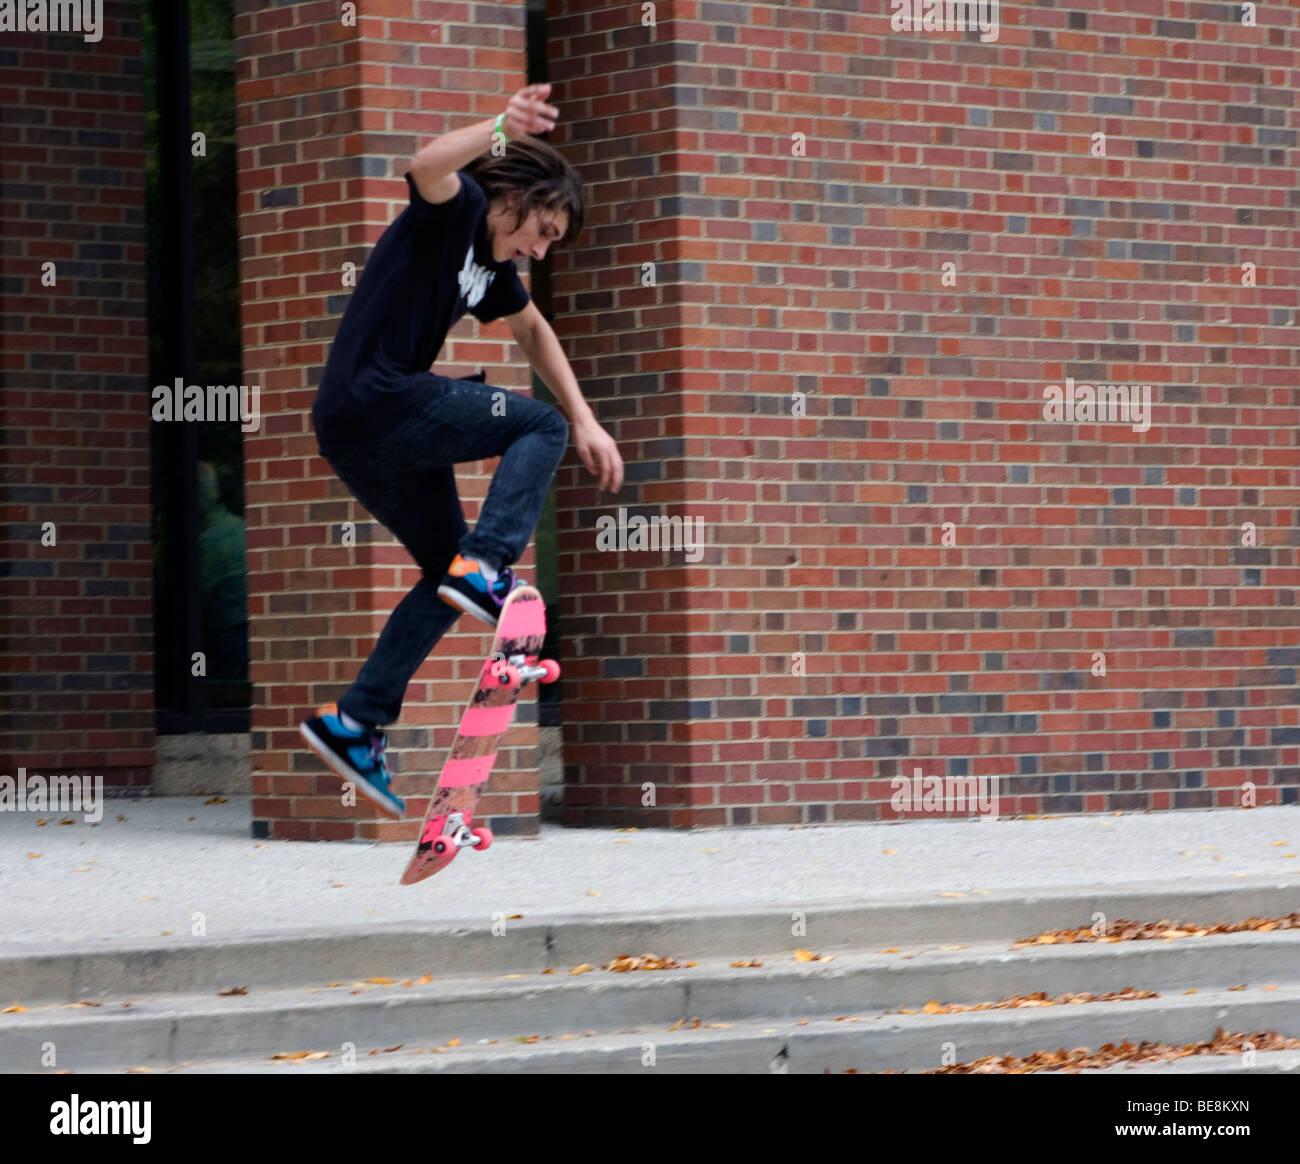 Un giovane uomo di pratiche il suo skateboard trucchi sui passi ad una biblioteca universitaria a Milwaukee, Wisconsin, Immagini Stock